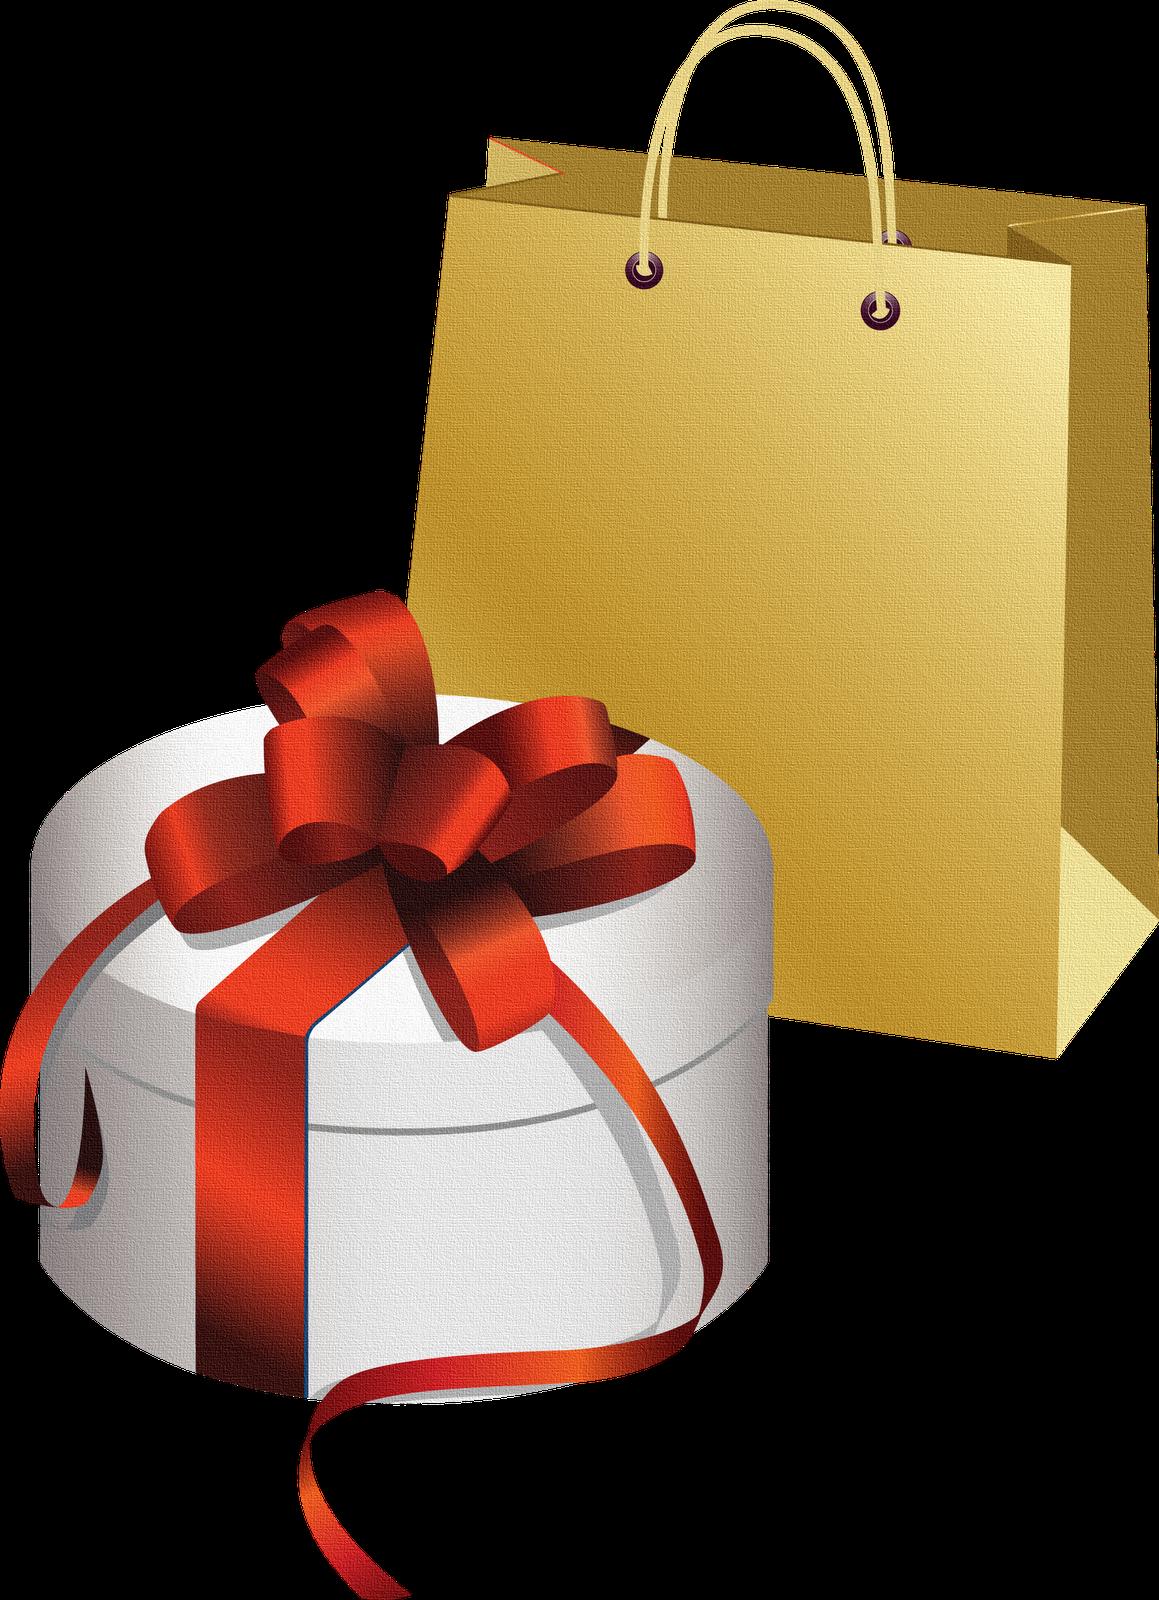 Im genes y gifs de navidad gifs de regalos de navidad png - Regalos para ella navidad ...